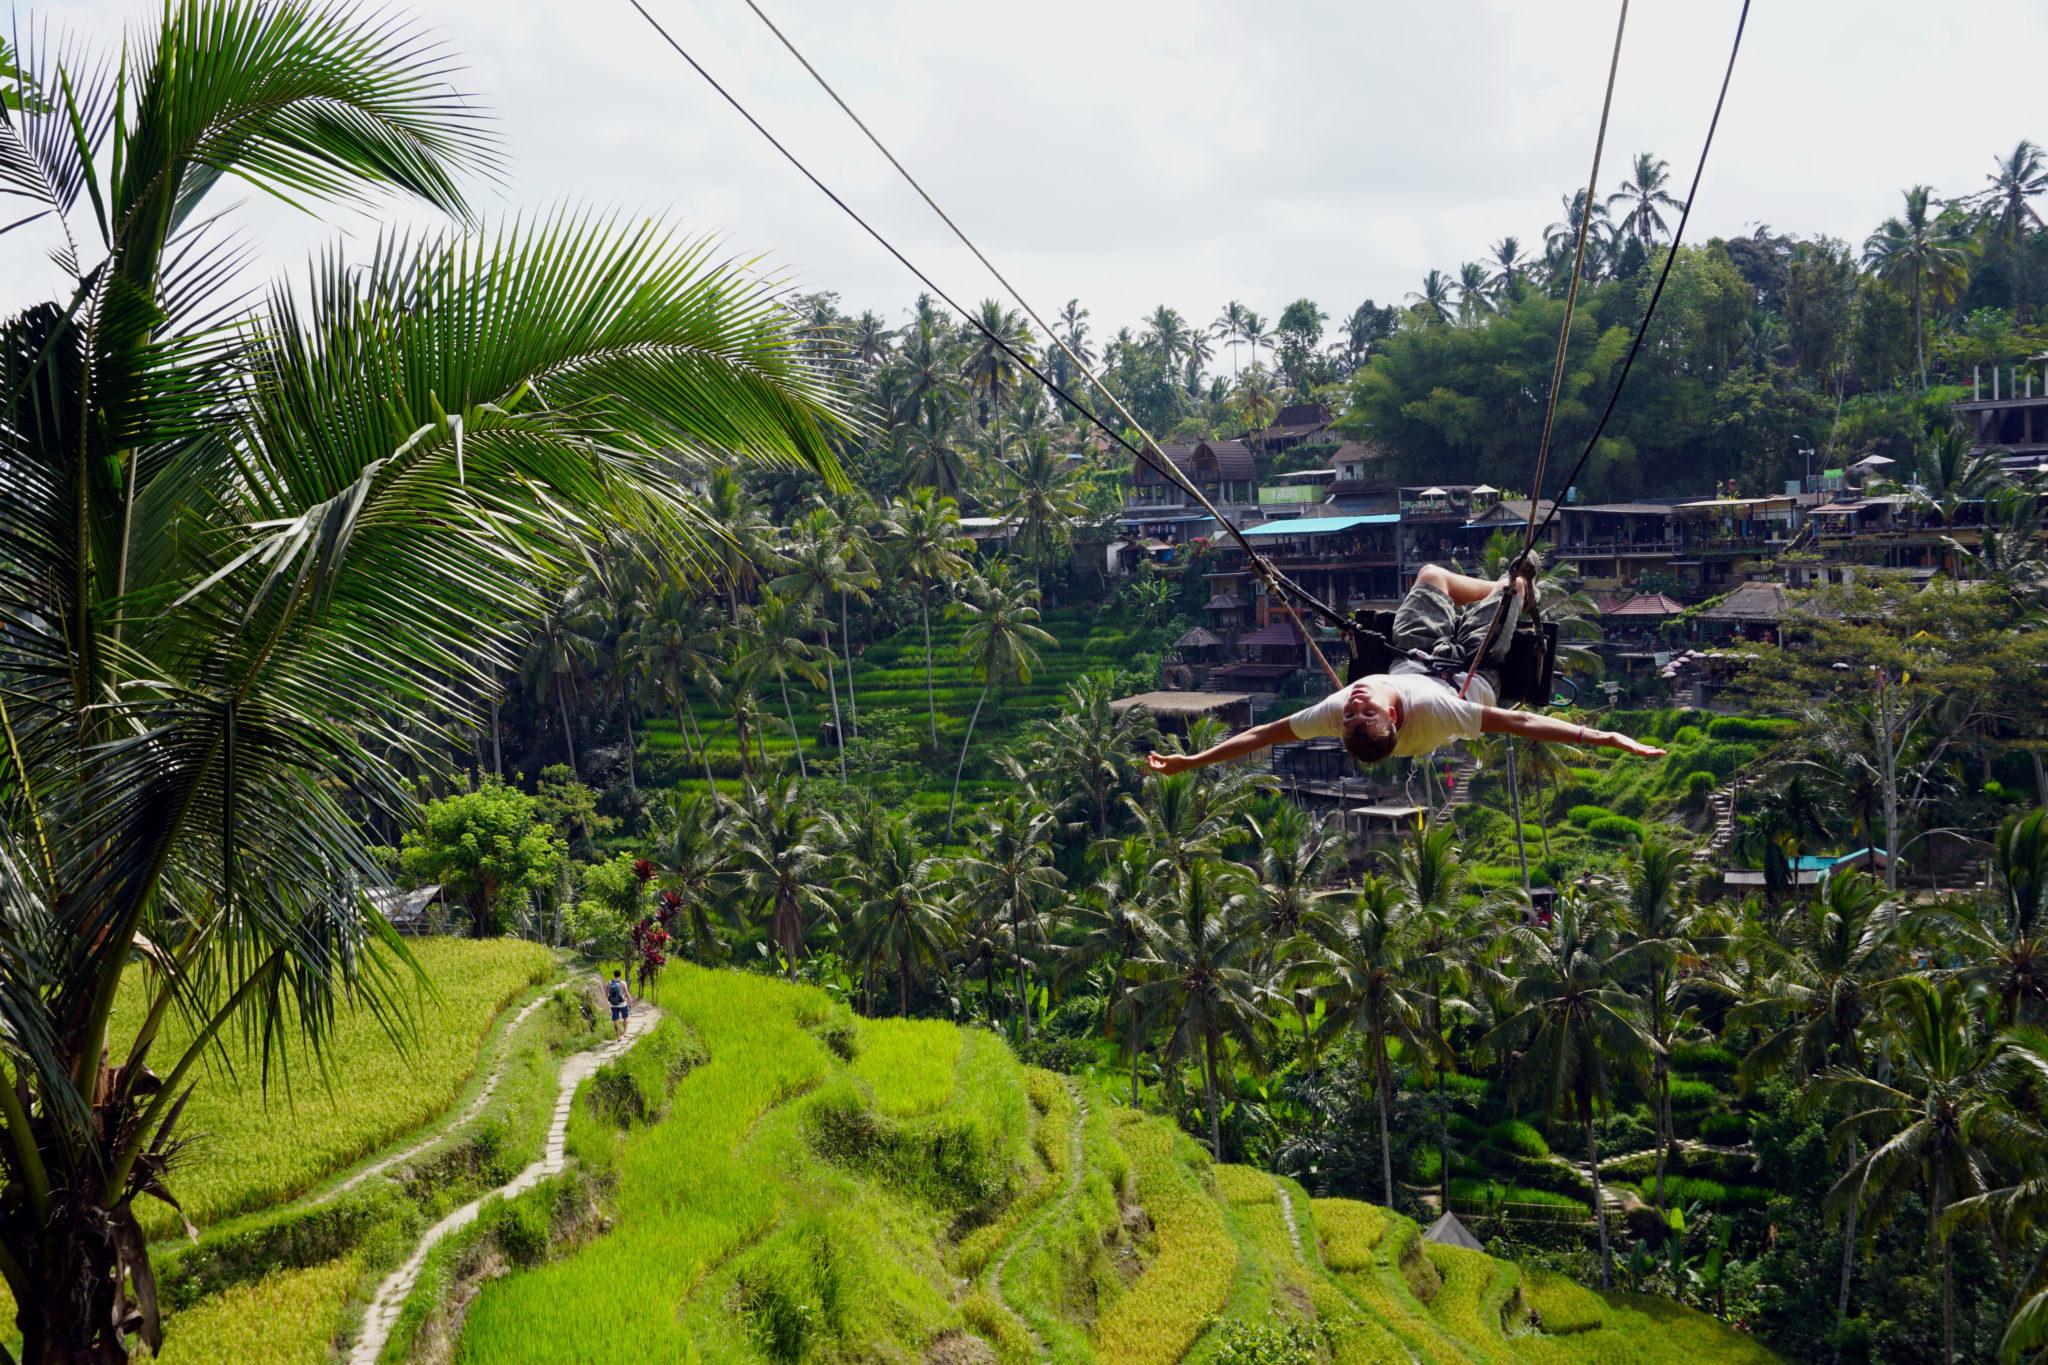 Tag in Ubud. Marcel auf einer Riesen-Schaukel über den Reisfeldern in Ubud.